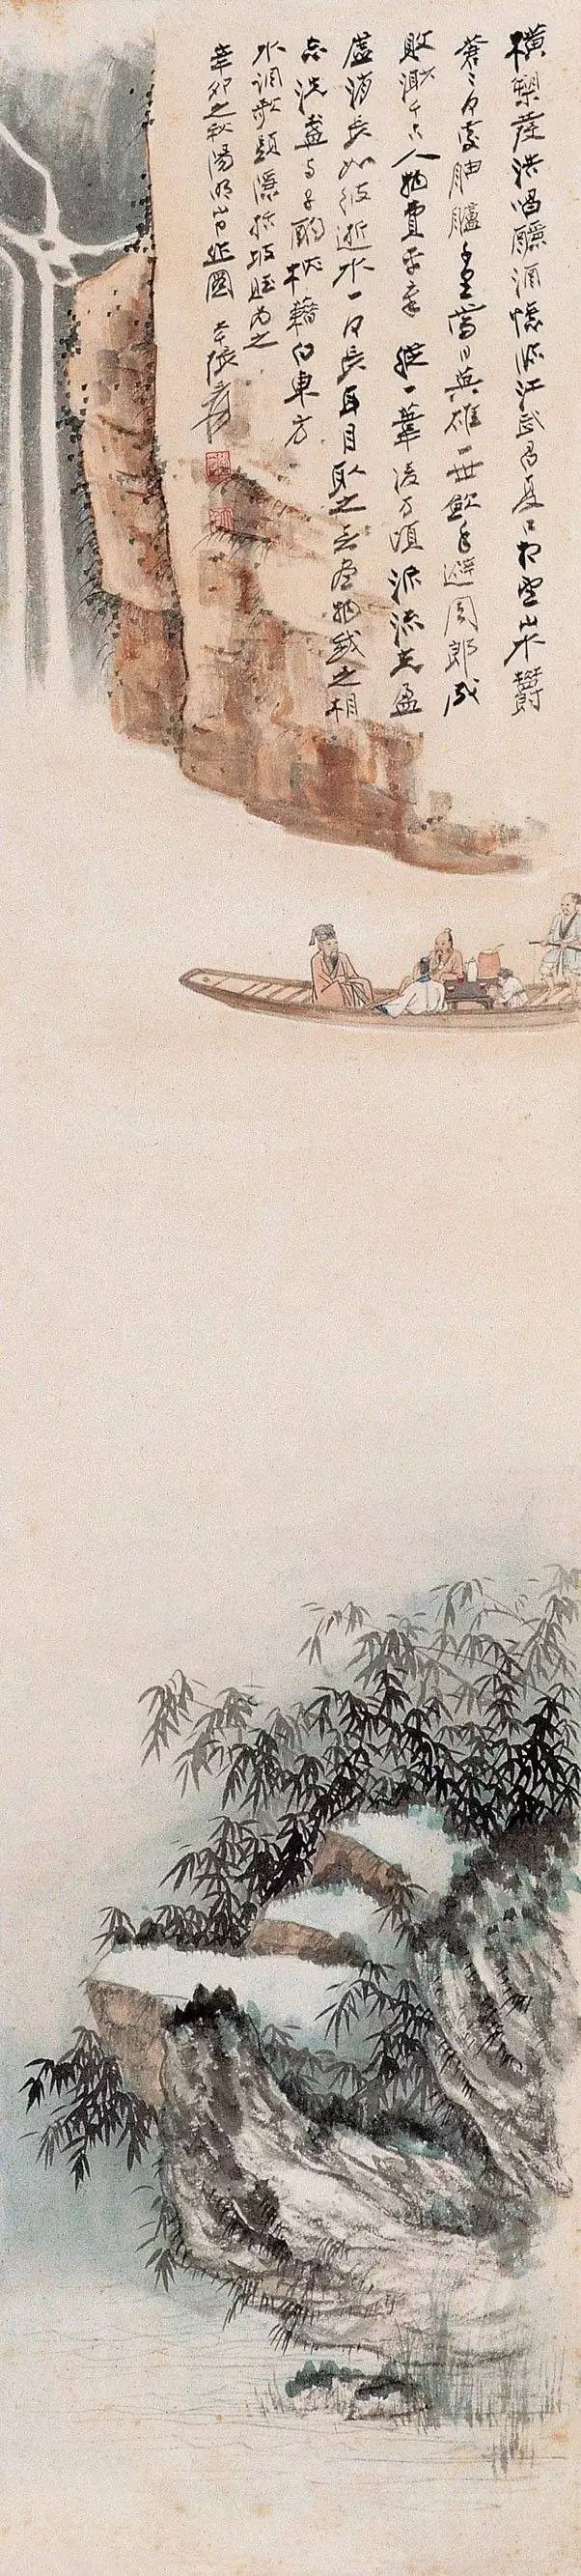 【转载】张大千精品画作欣赏(885)【金璧双辉·巫峡清秋】&【Julia借花献佛】 ..._图1-24